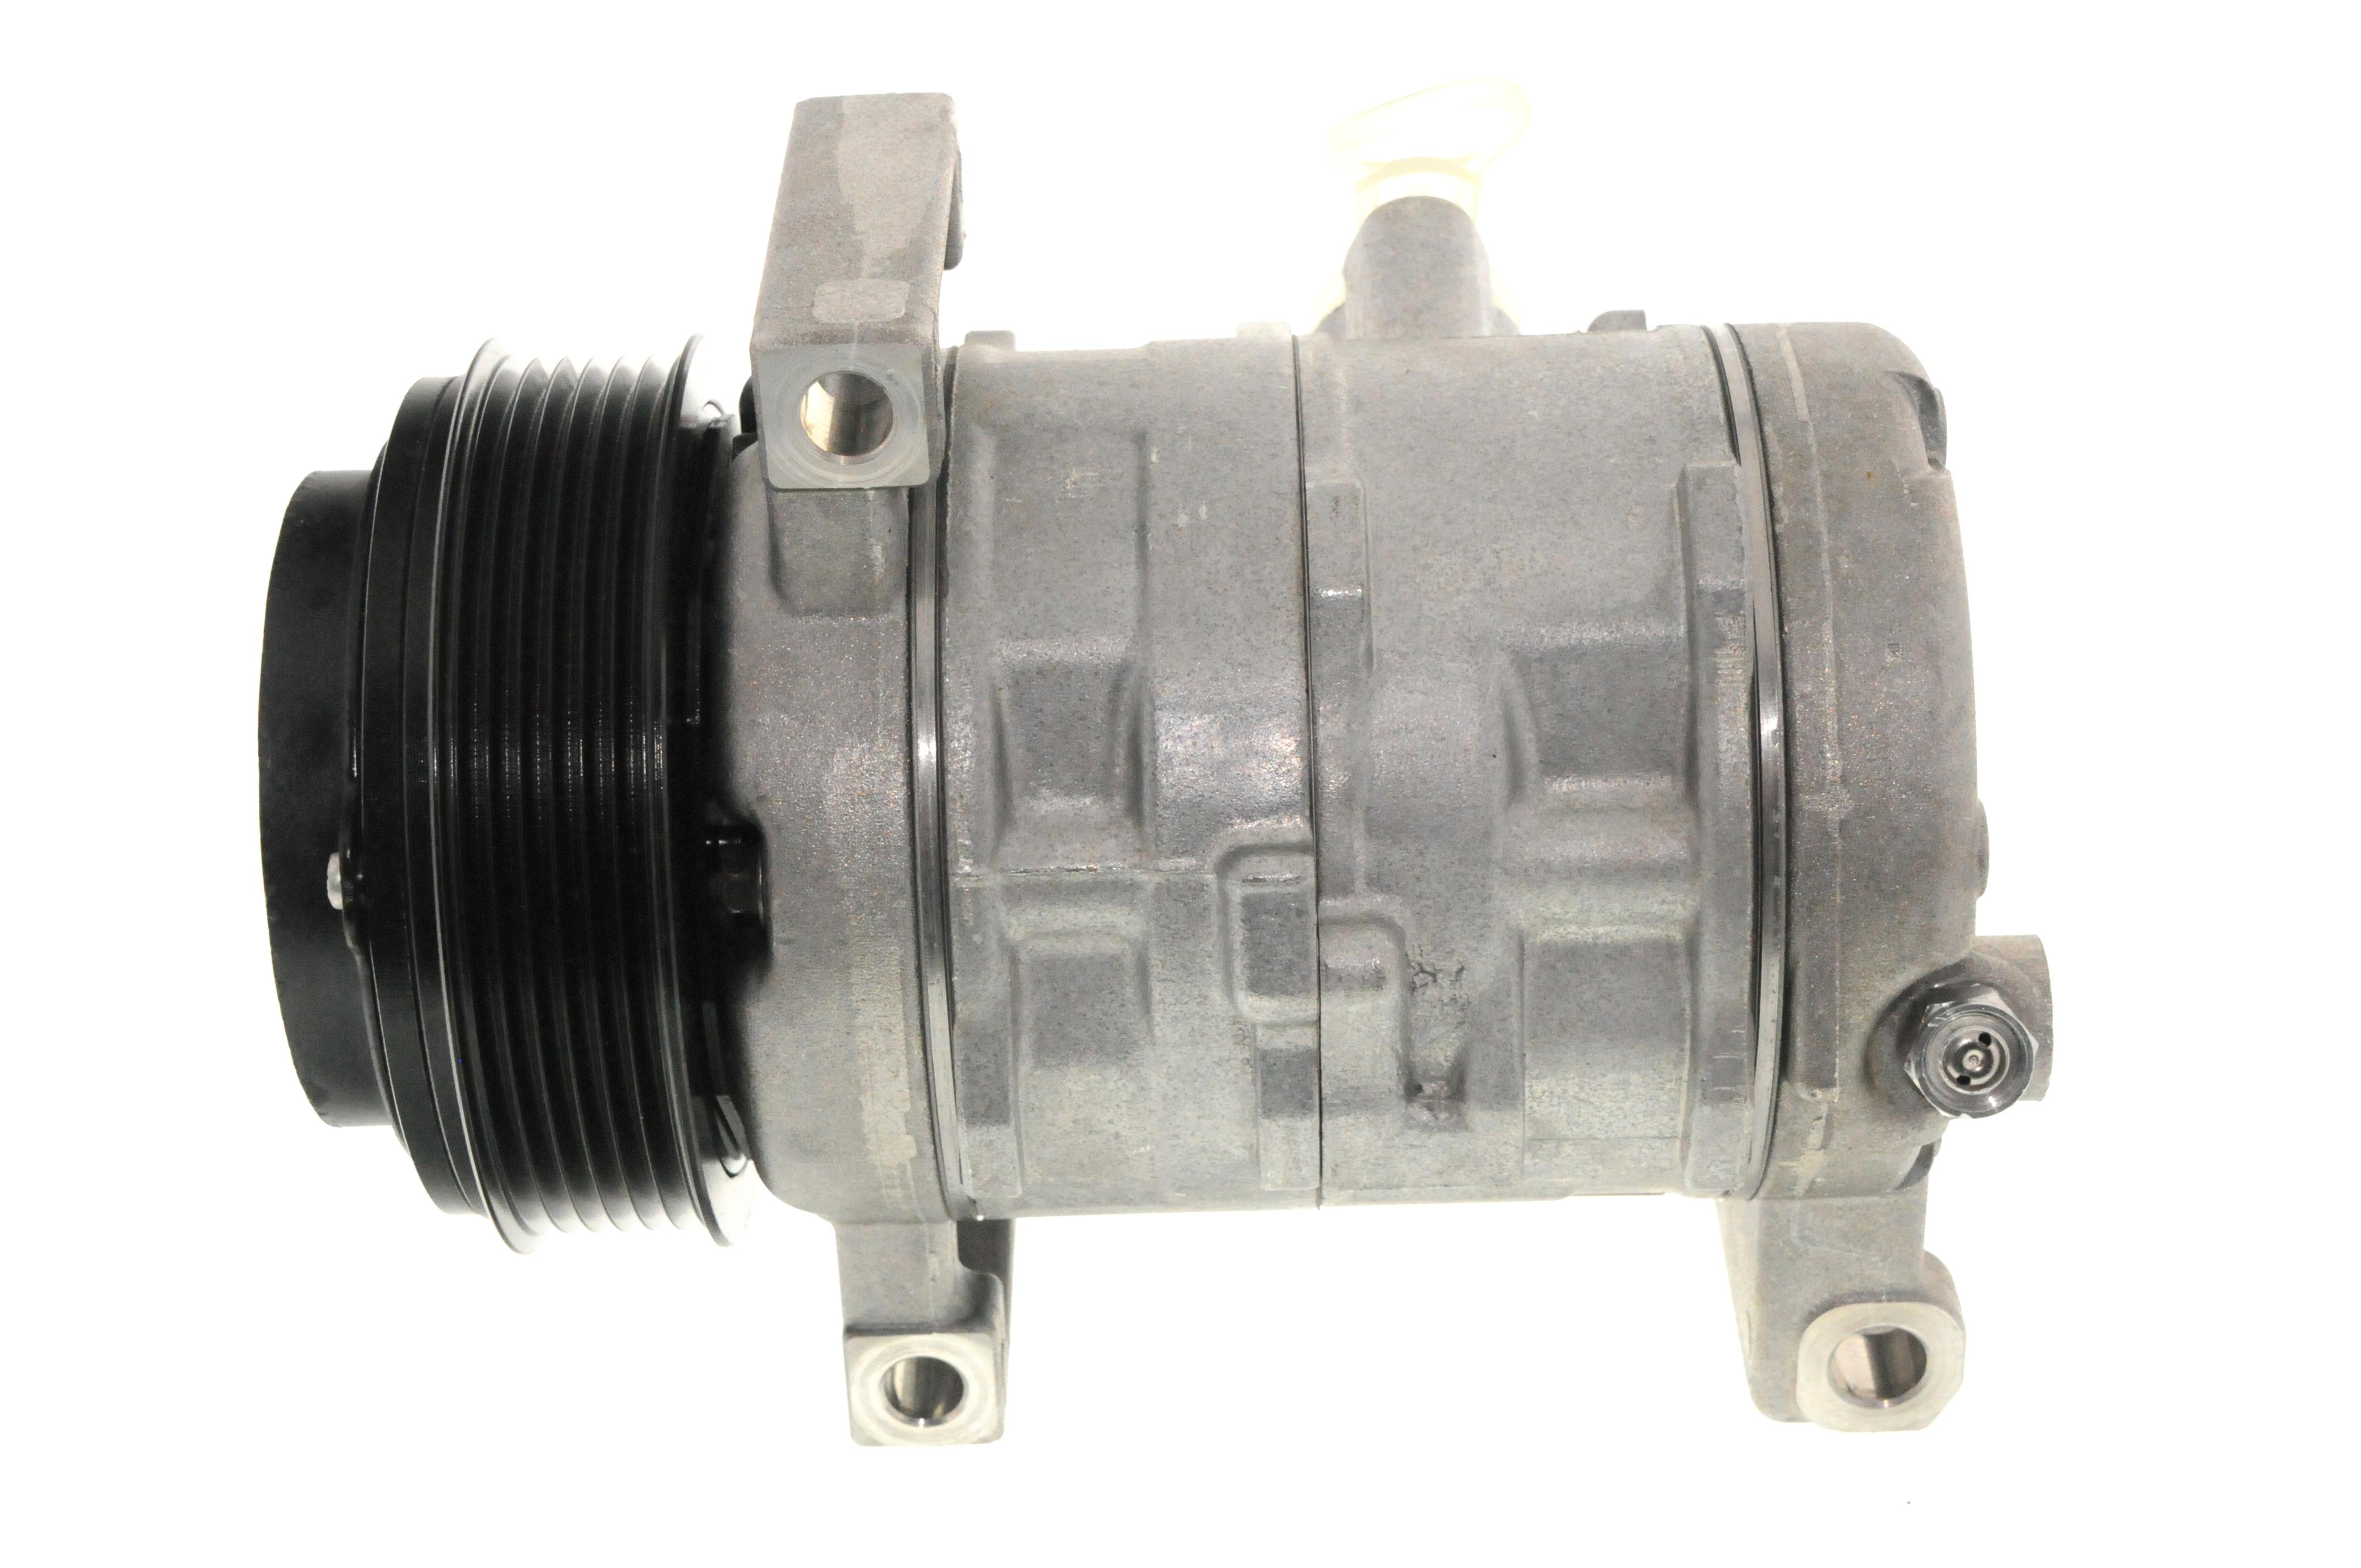 ACDELCO GM ORIGINAL EQUIPMENT - A/C Compressor and Clutch - DCB 15-22211